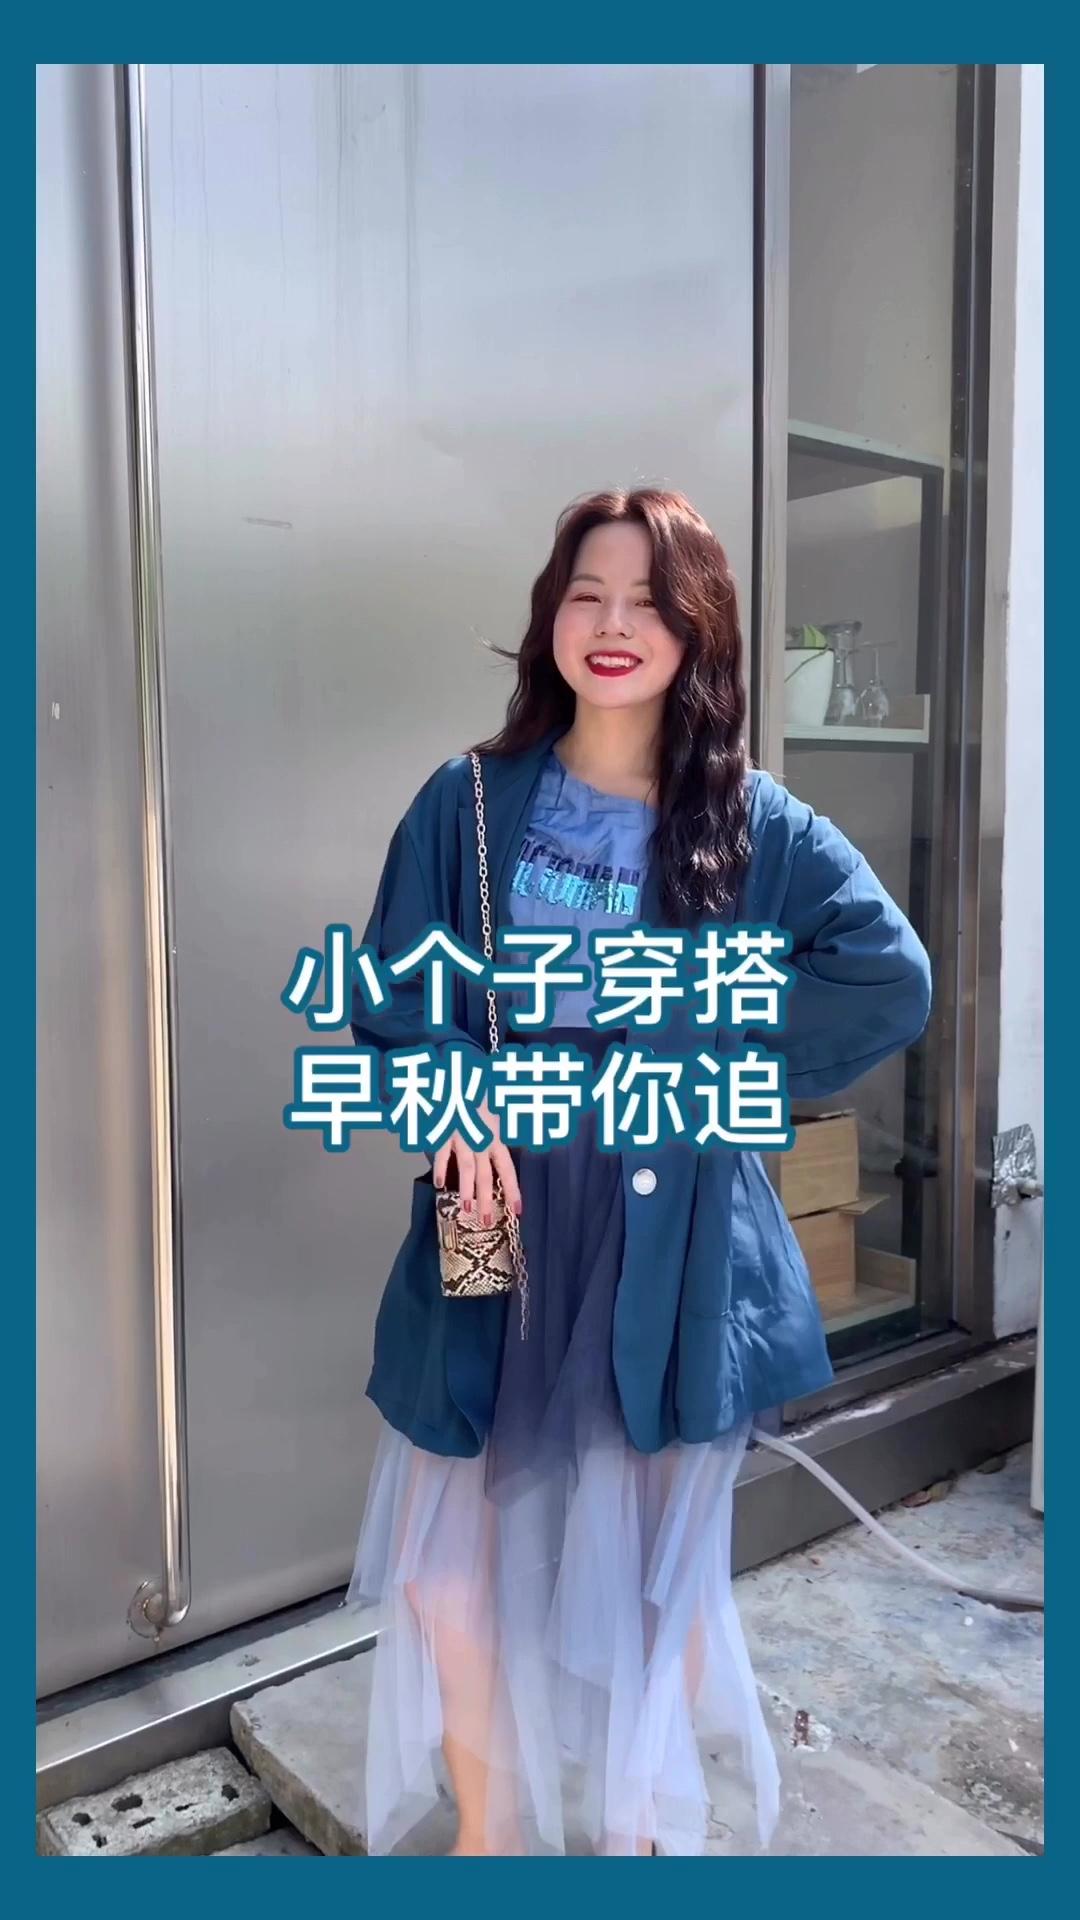 #秋装上新穿搭打卡# 蓝色系穿搭 这款连体裙这边的太好看了 可以两穿哦 里面的内搭可以单穿 长度很适合小个子 nice